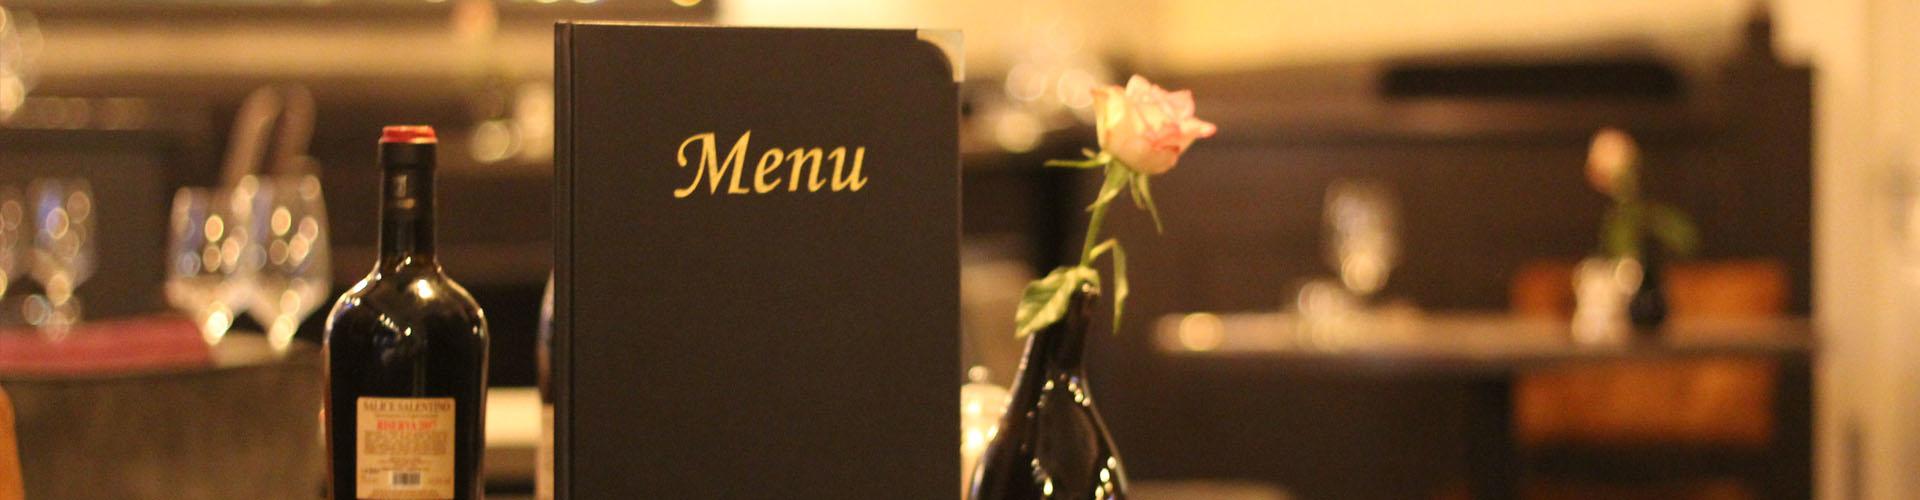 Restaurant Beleef Vught Menukaart Fles Wijn